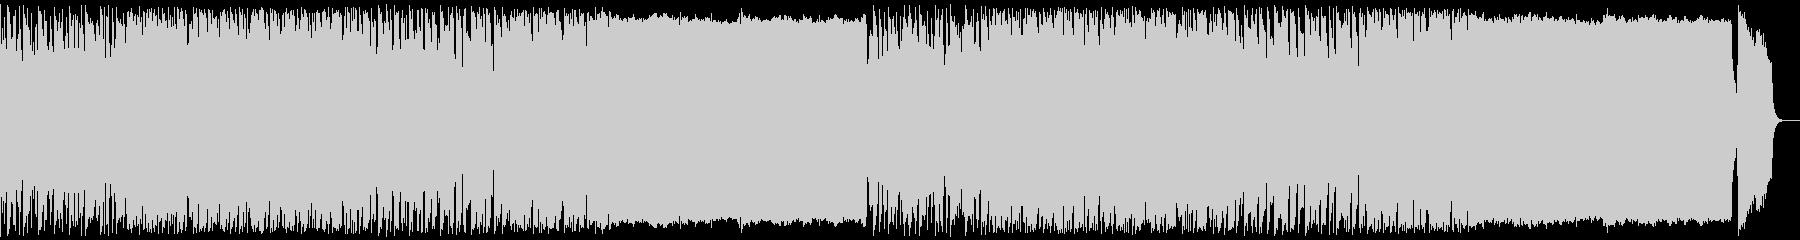 ダークファンタジーオーケストラ アルペ抜の未再生の波形